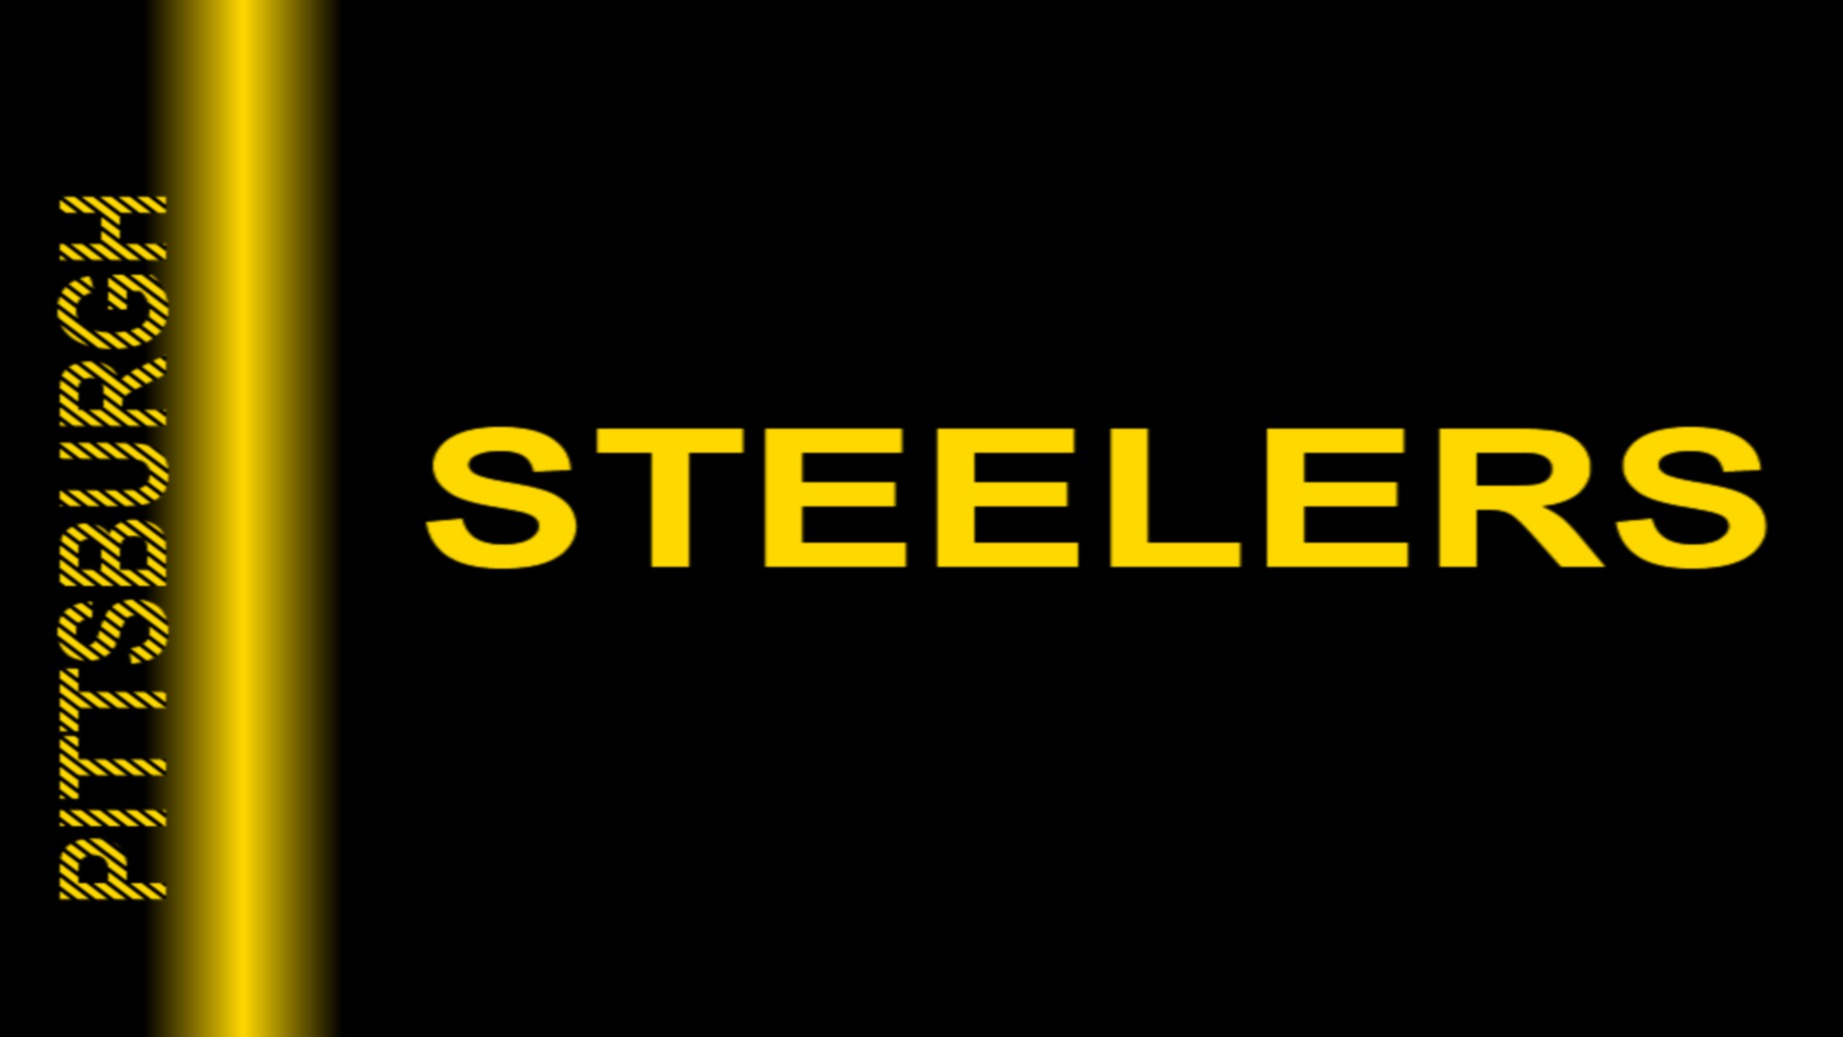 Free Pittsburgh Steelers Wallpaper WallpaperSafari